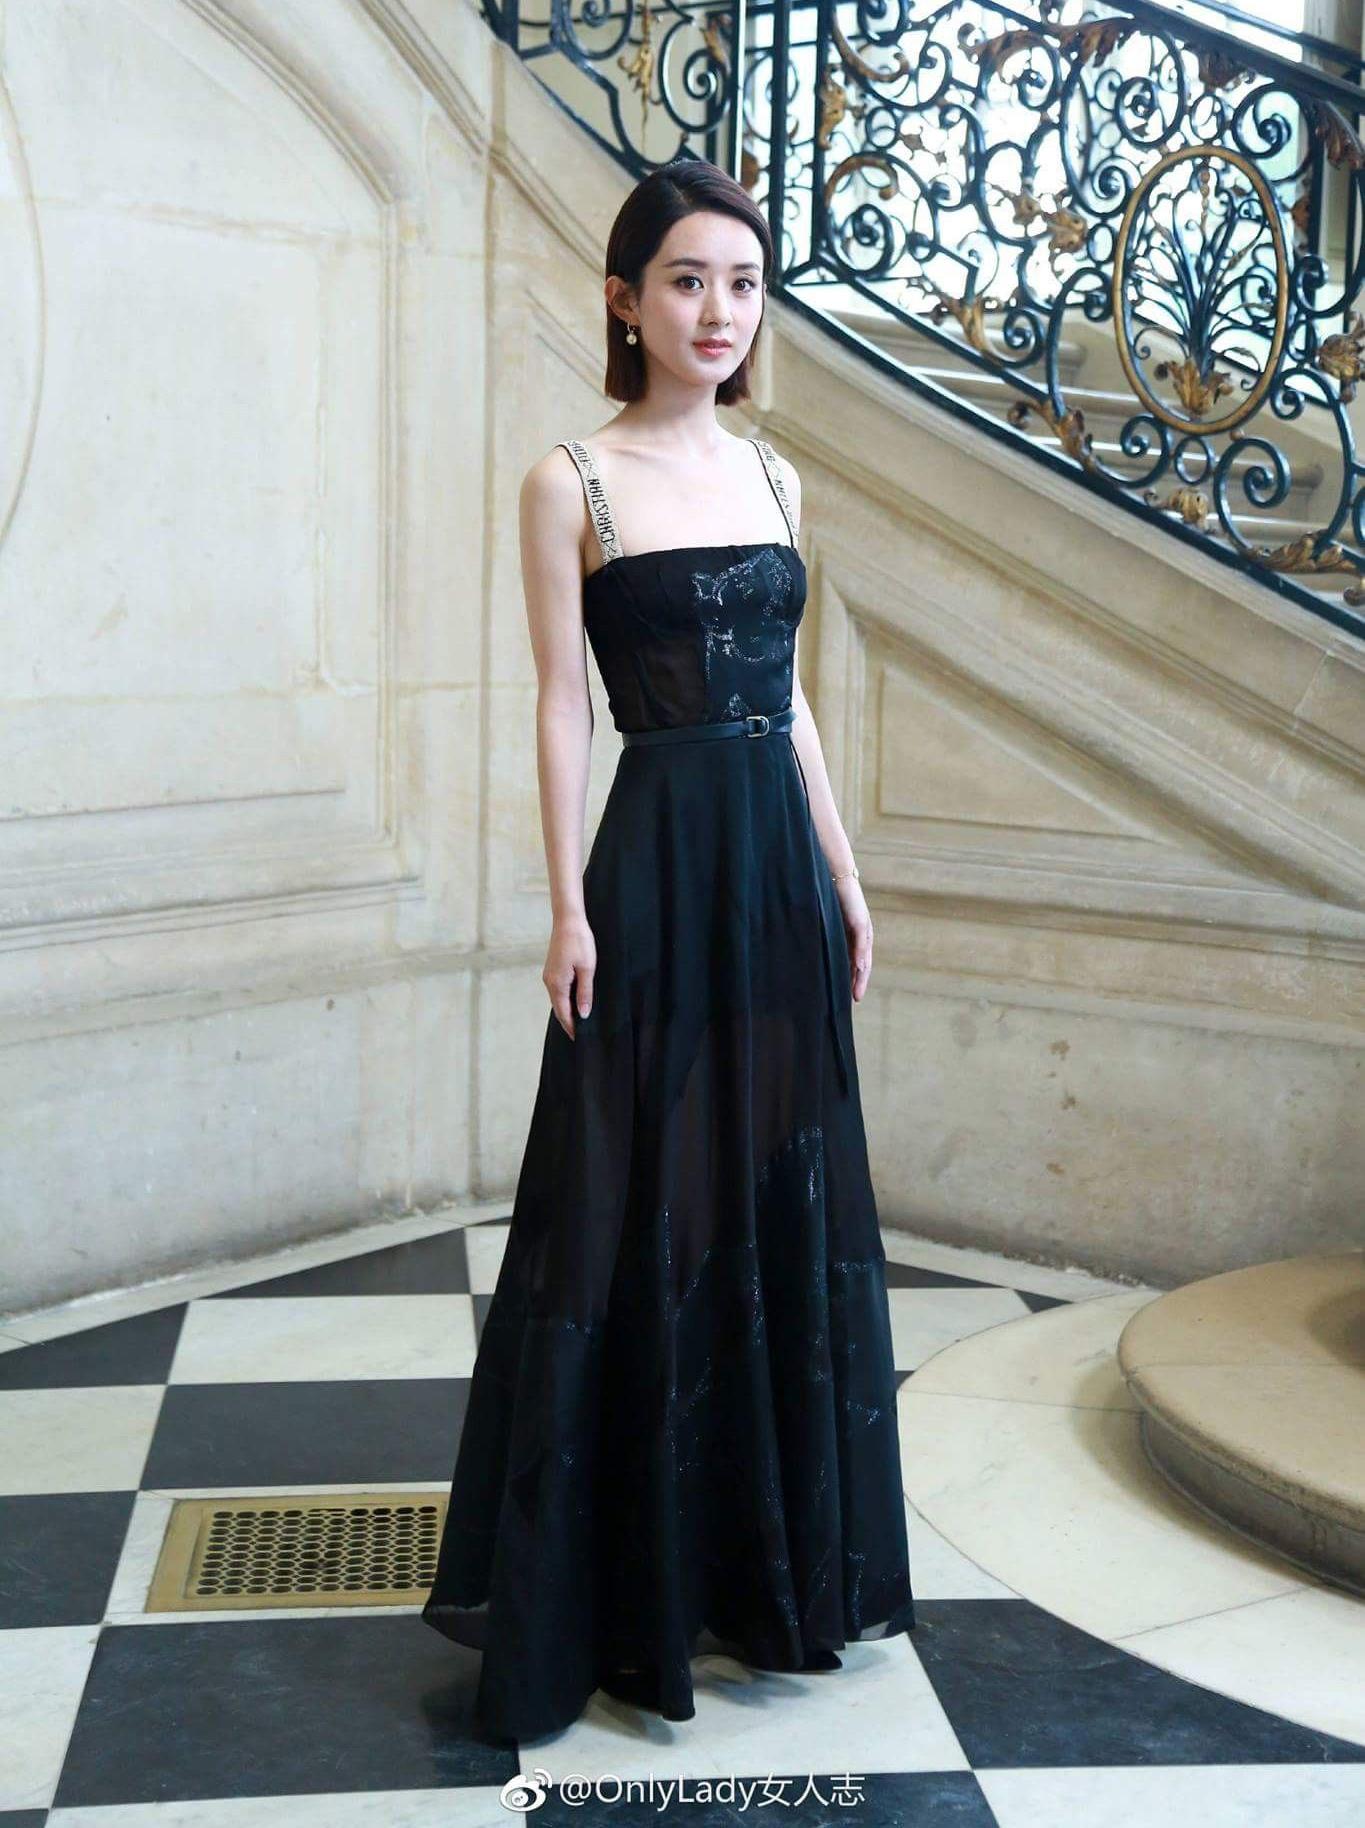 Trước đây nhiều năm liền, nàng Sam Sam vẫn bị chê là kẻ hủy diệt hàng hiệu. Nhiều lần cô gây tranh cãi với mác đại sứ vì mỗi lần diện Dior đều bị ví von là hàng chợ, hàng Taobao.